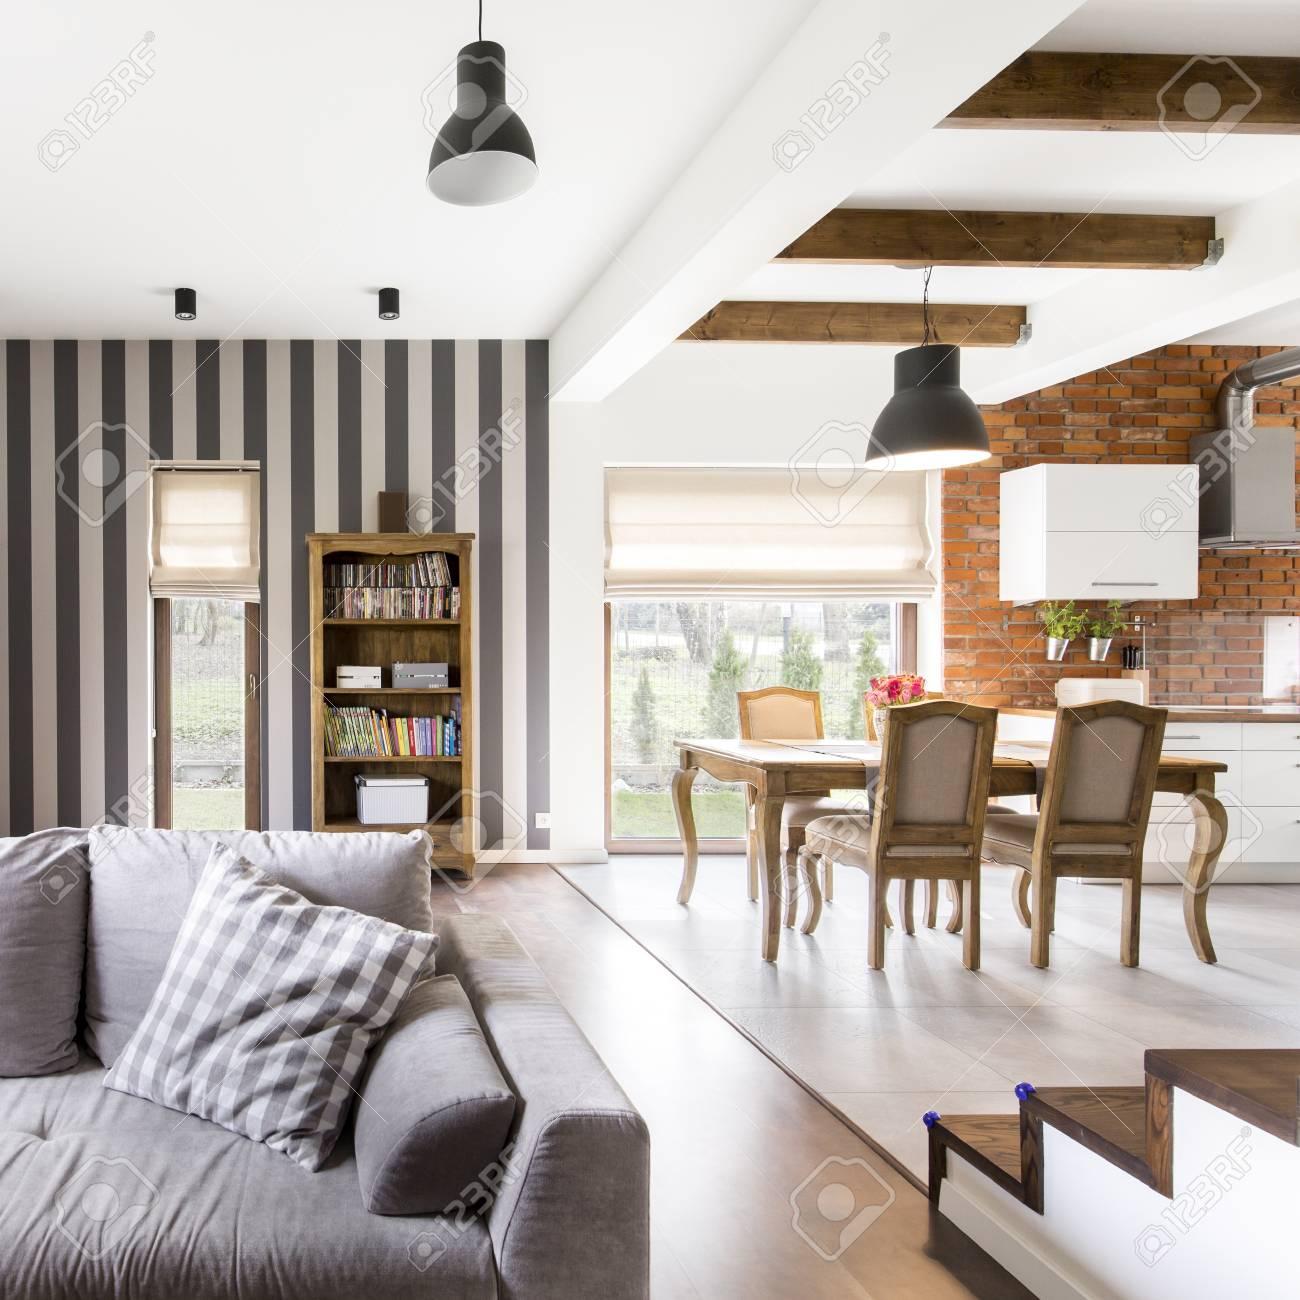 Geräumige Moderne Glamour-Home-Interieur Mit Vintage-Möbeln ...